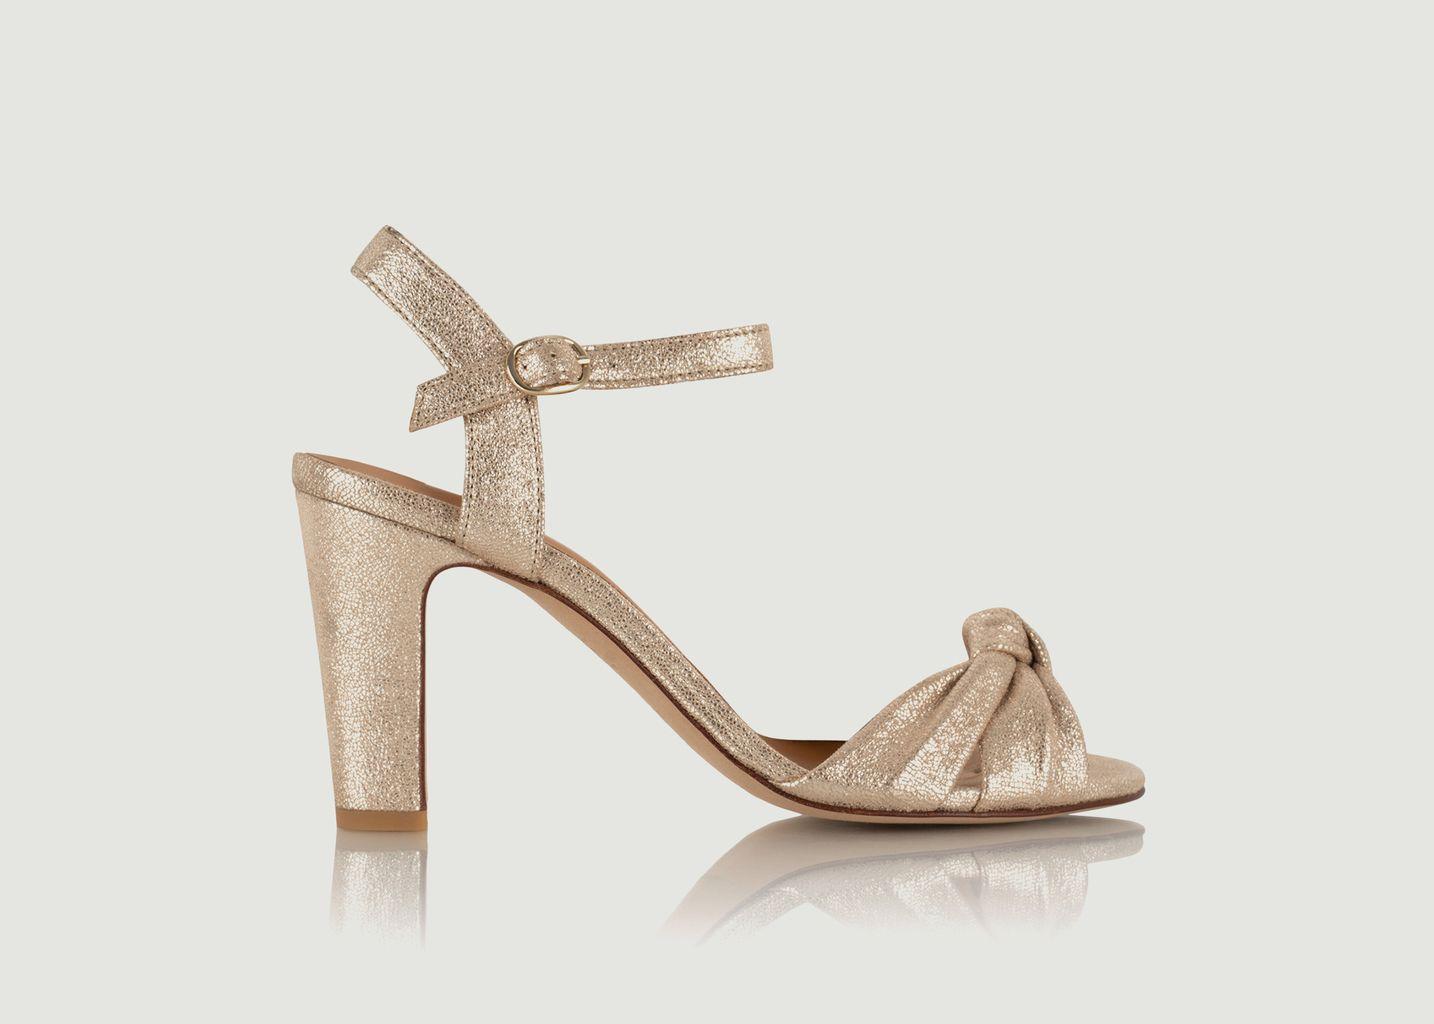 Sandales en cuir craquelé Candice - Bobbies Paris